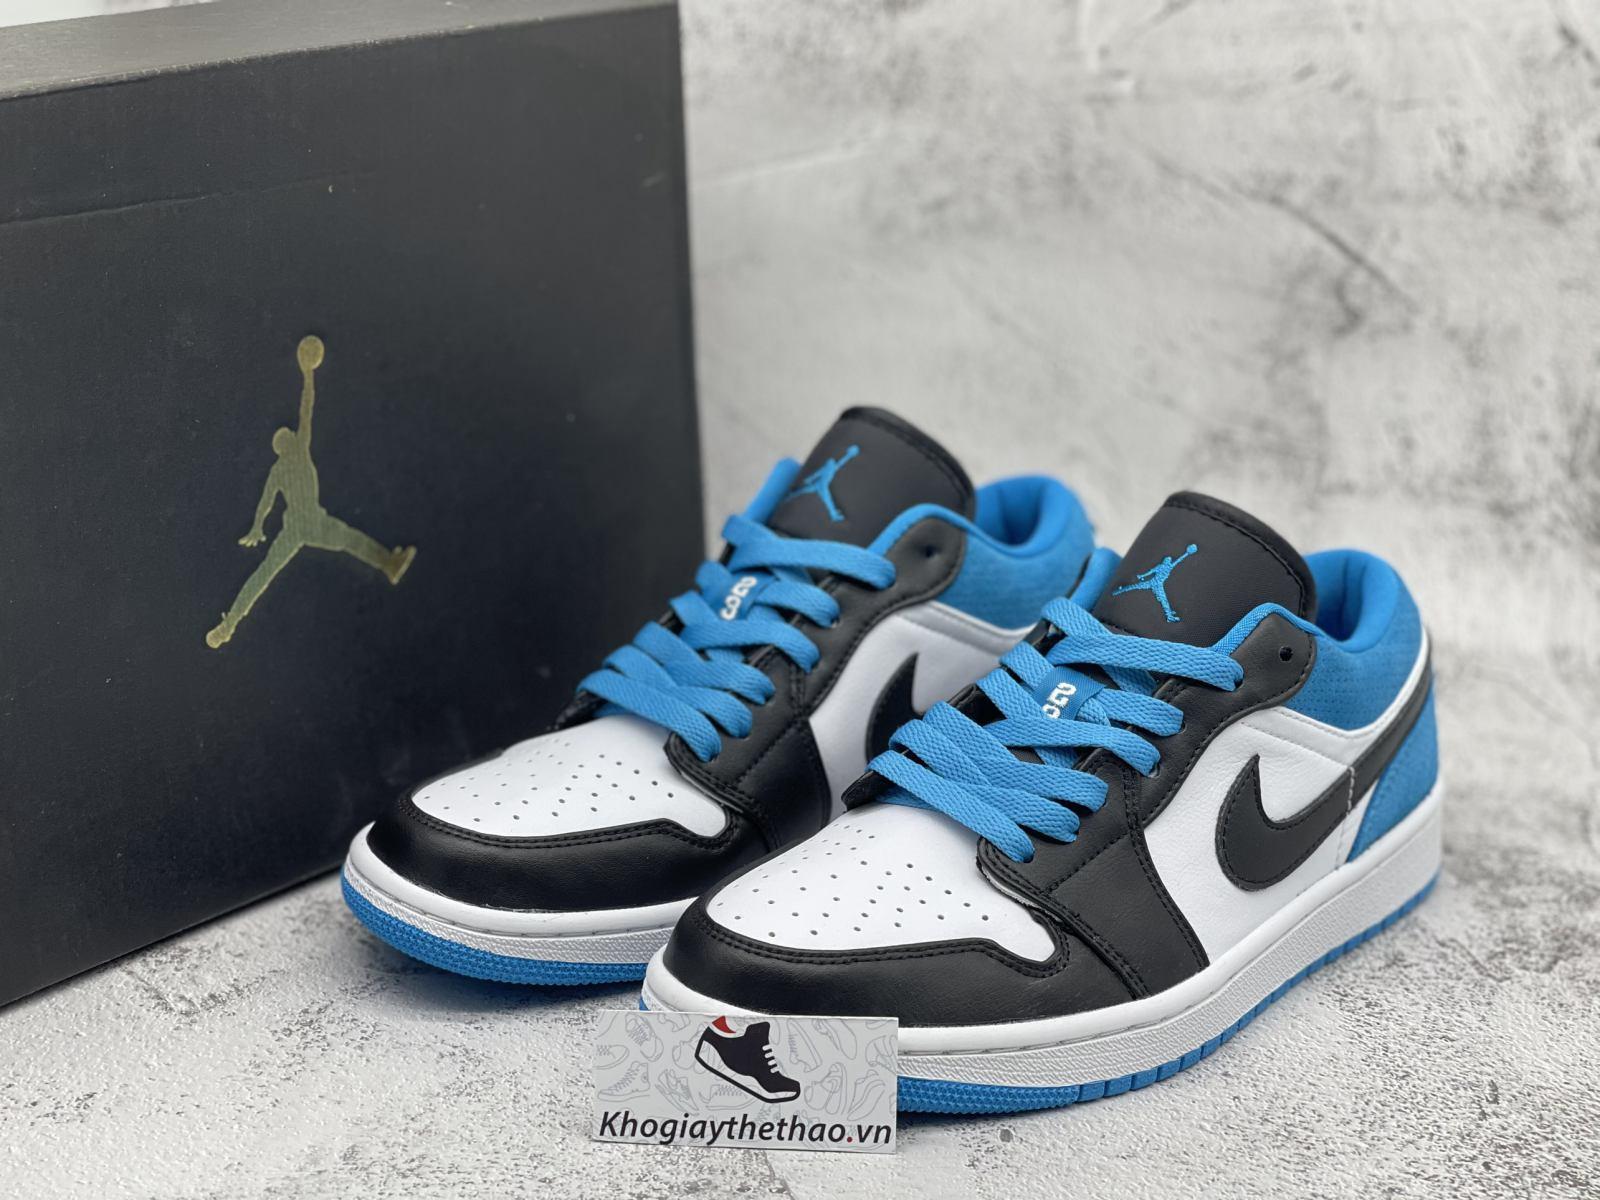 Nike Jordan 1 Low Laser Blue Replica 11